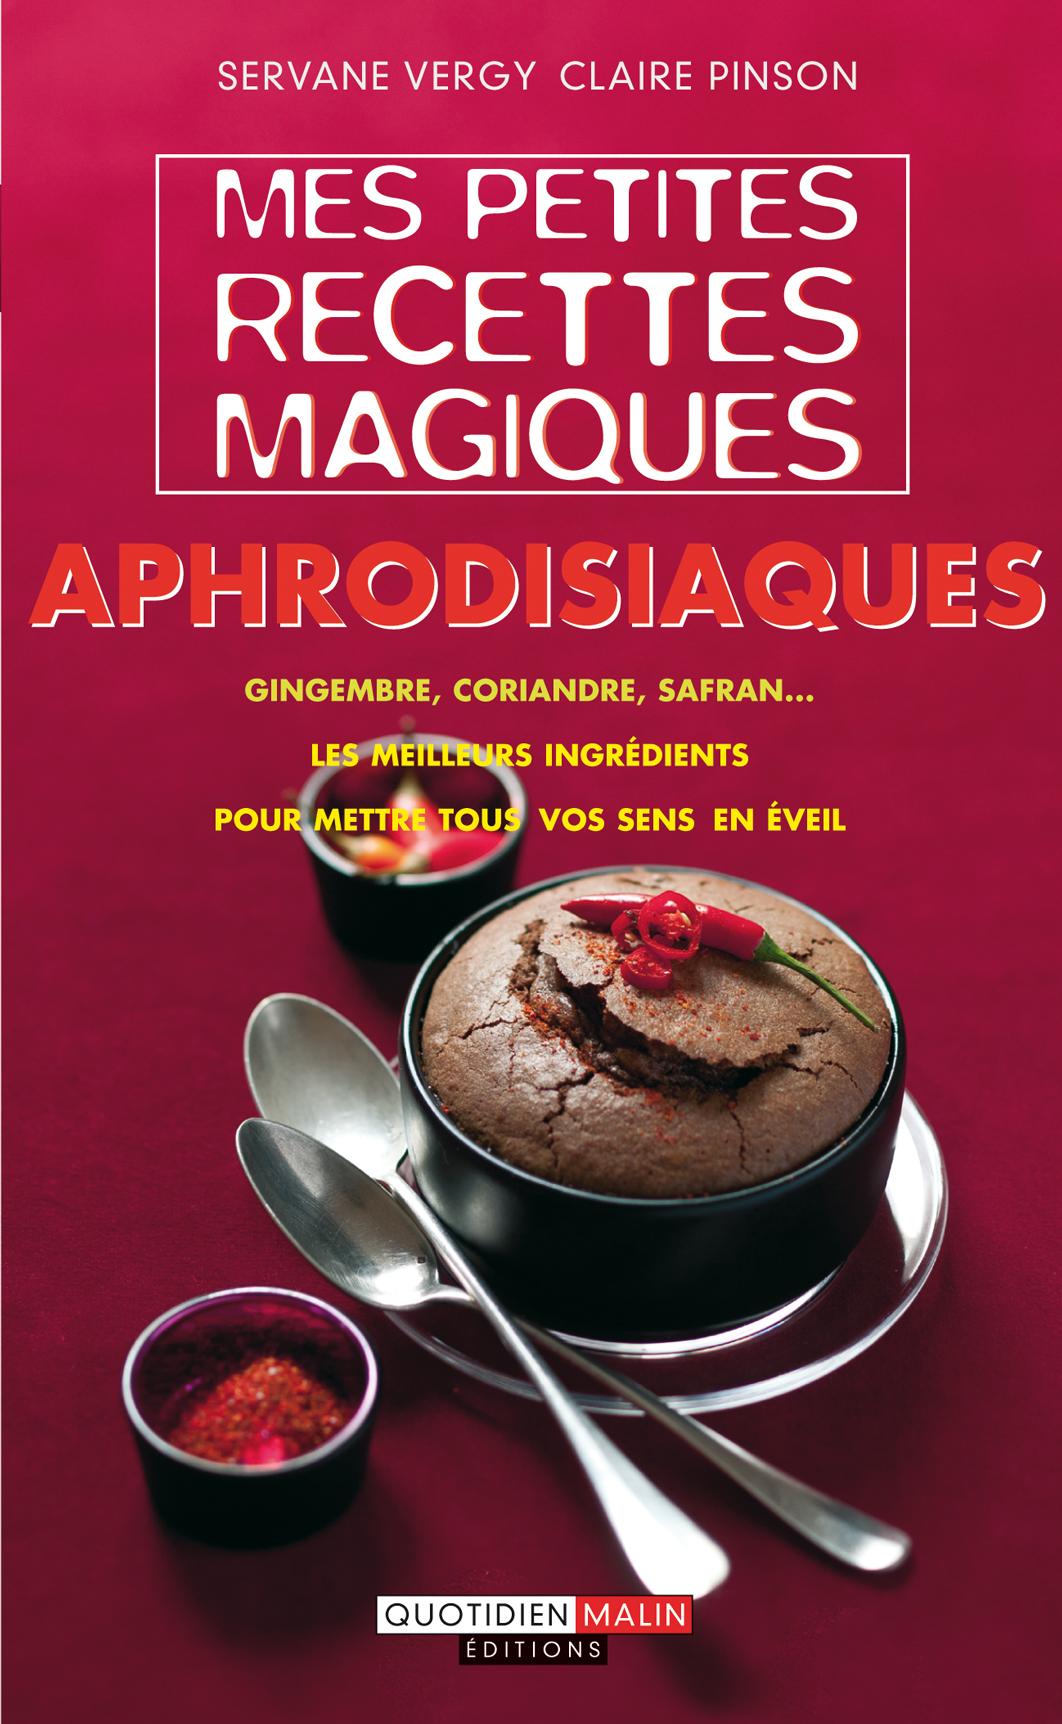 2013-02-13-Mespetitesrecettesmagiquesaphrodisiaques.jpg